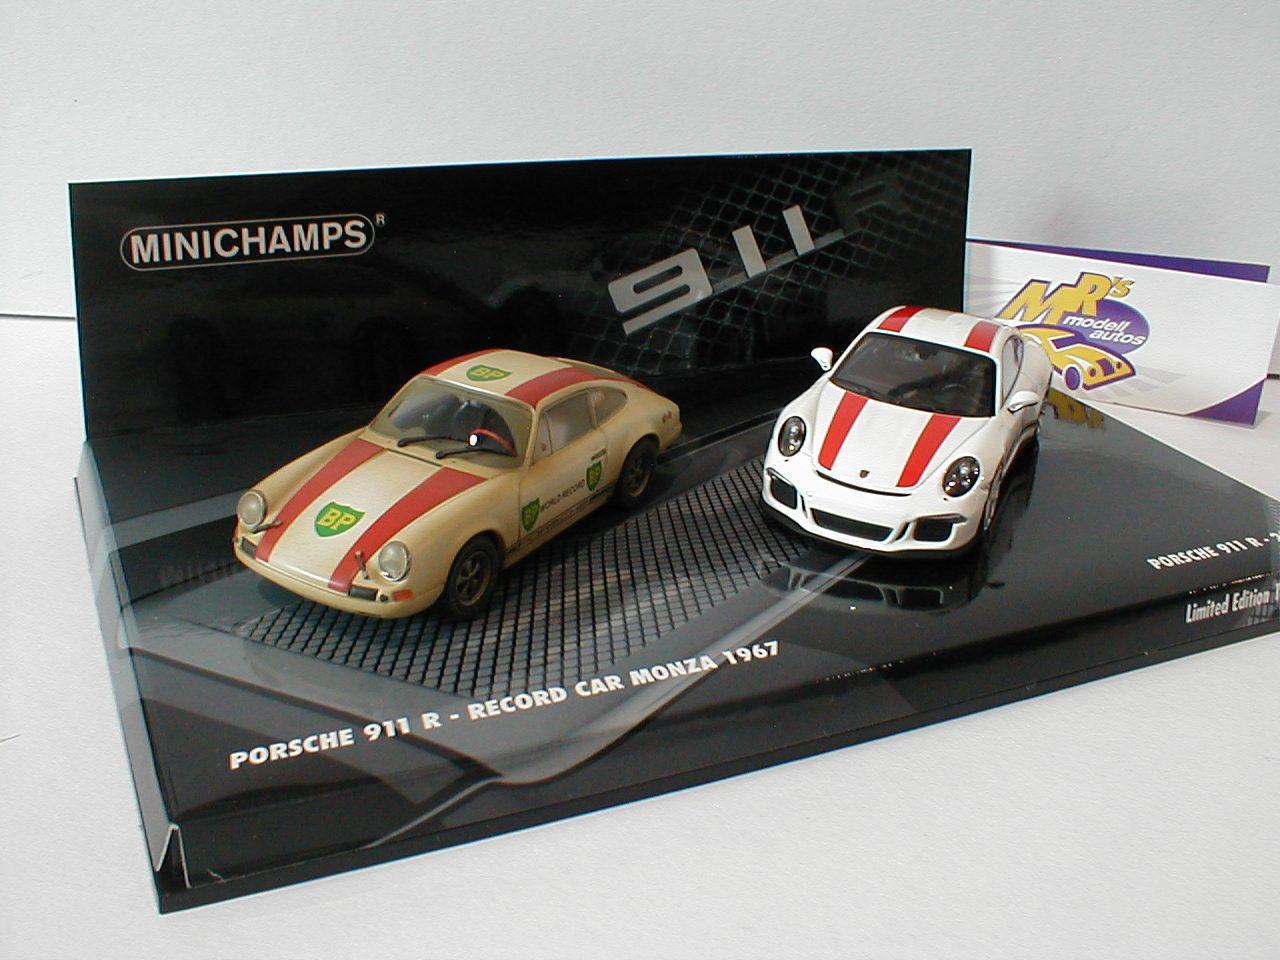 Minichamps 412066220 - 2er Set Porsche 911 R 2016 + 1967 Record Car 1 43 499 pcs